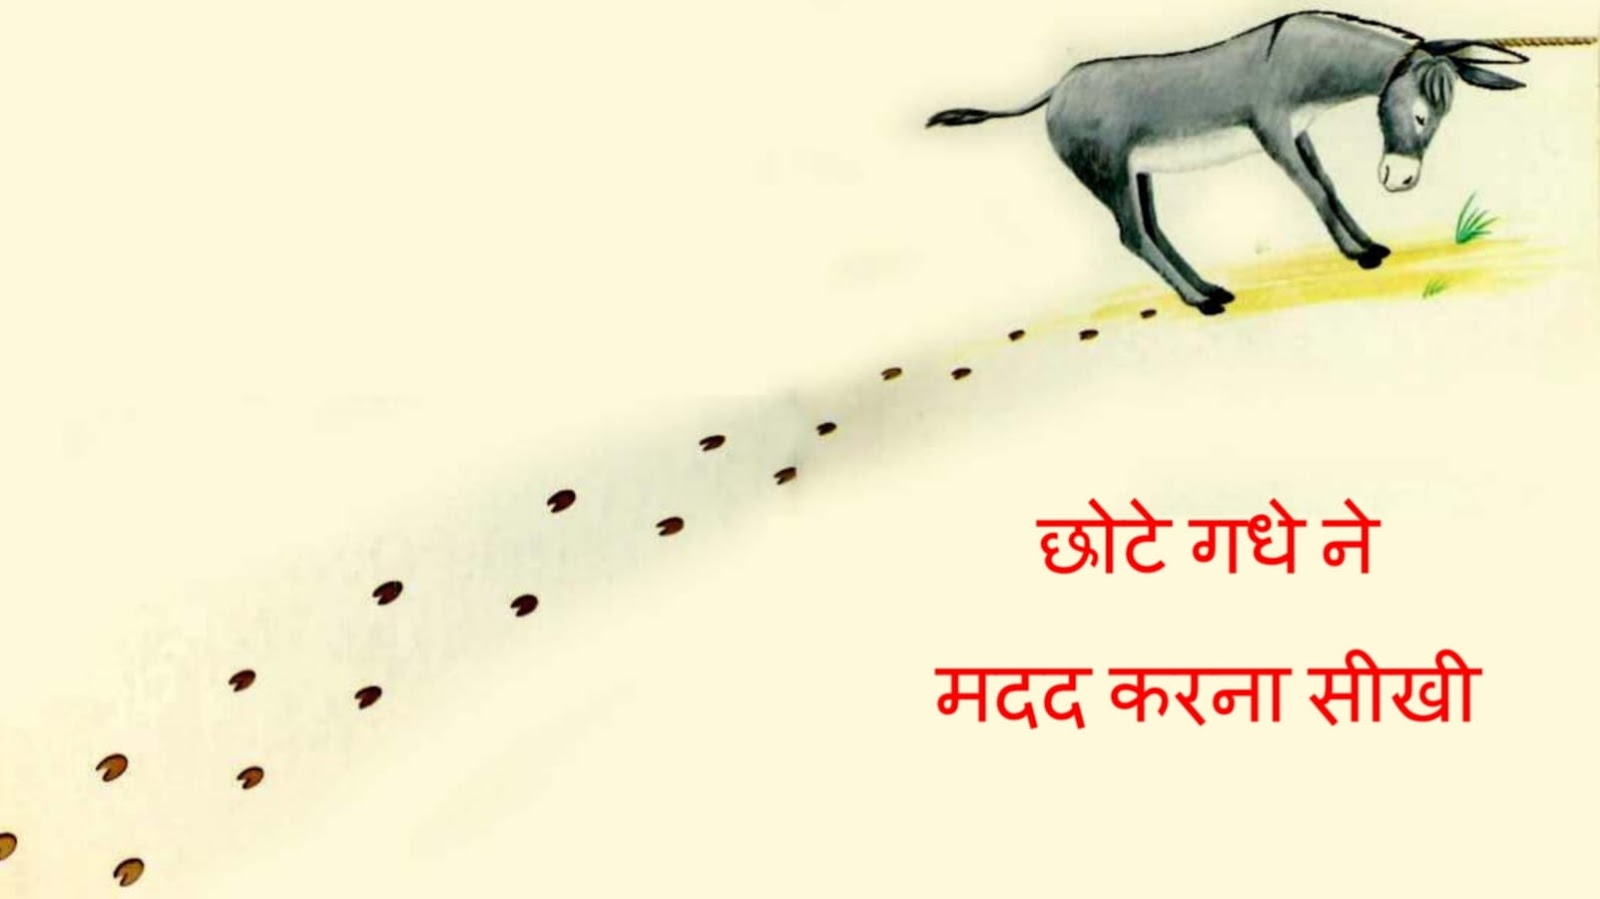 छोटे गधे ने मदद करना सीखा - Chote Gadhe Ne Madat Karna Shikha